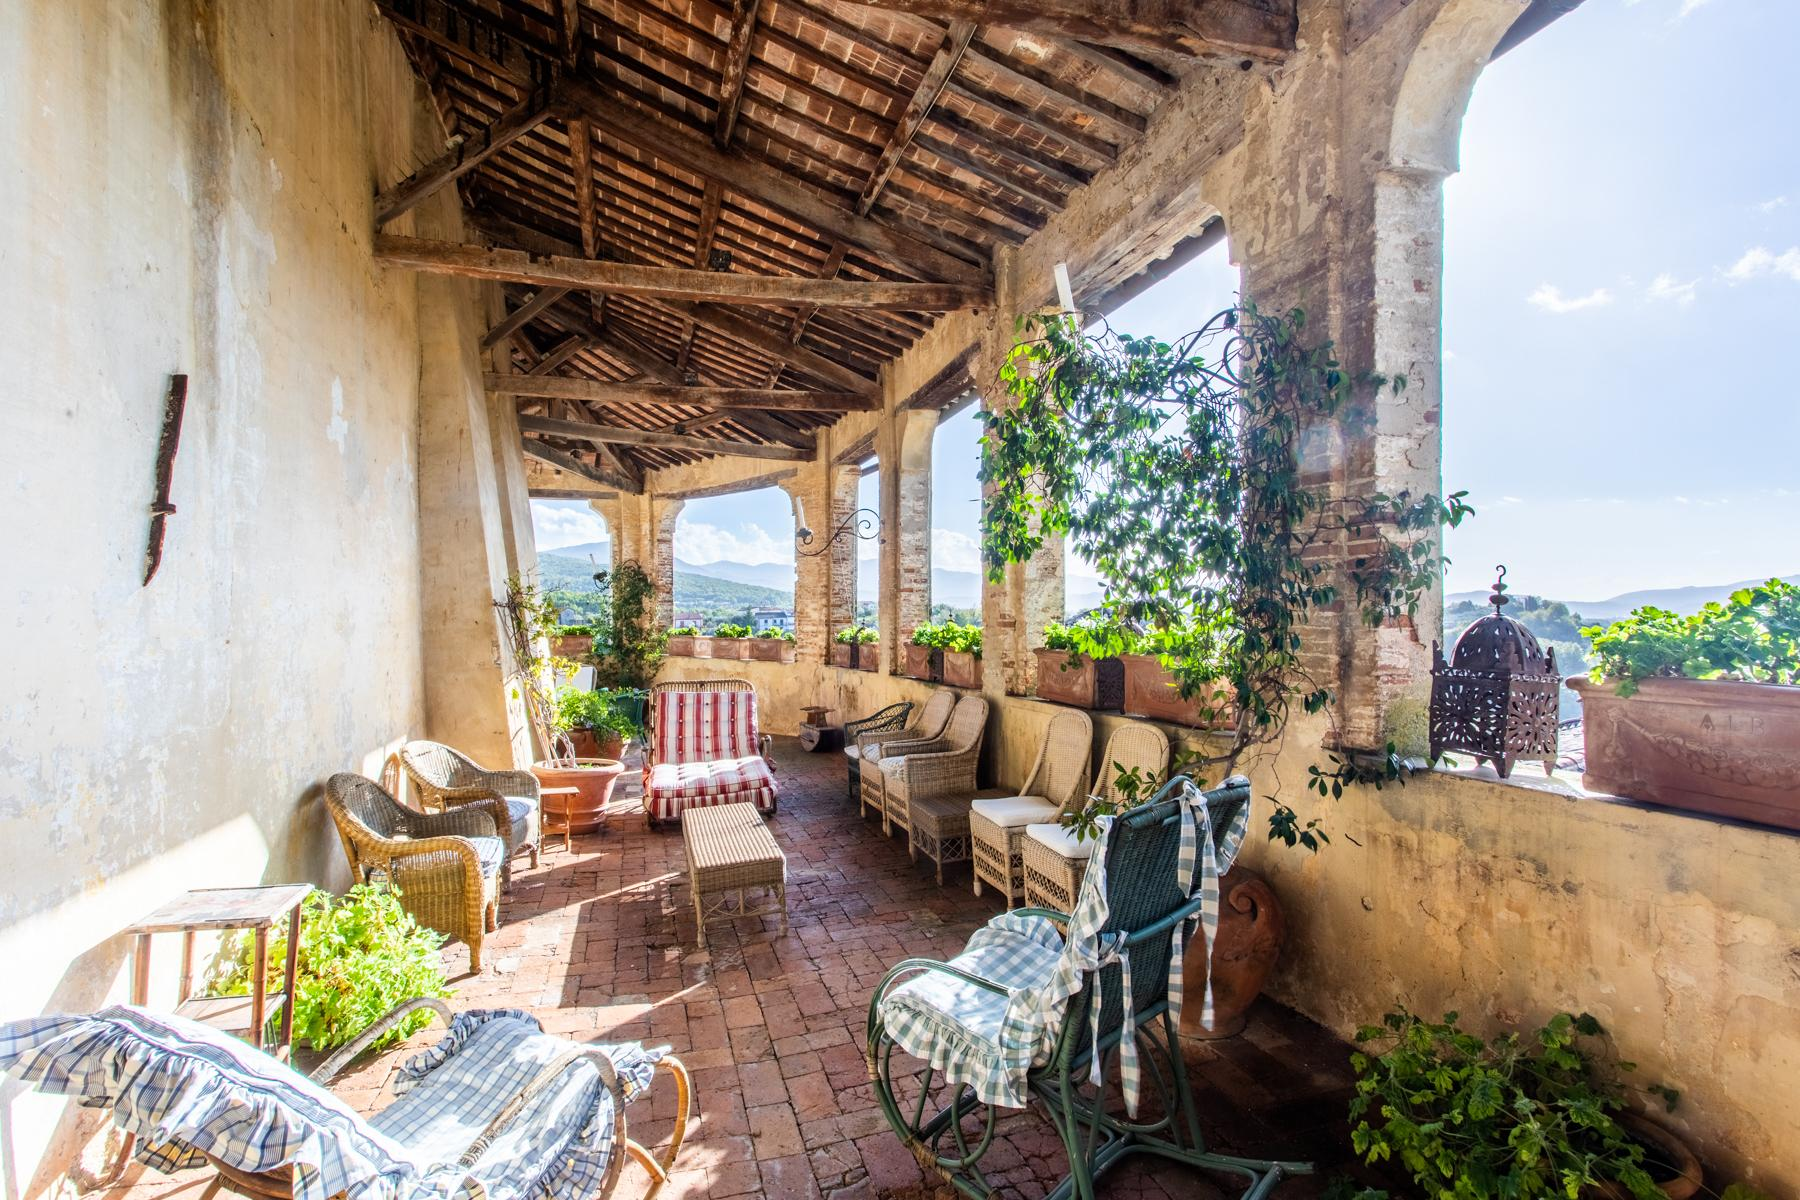 中世纪村庄Oliveto山顶上的雄壮宫殿 - 5